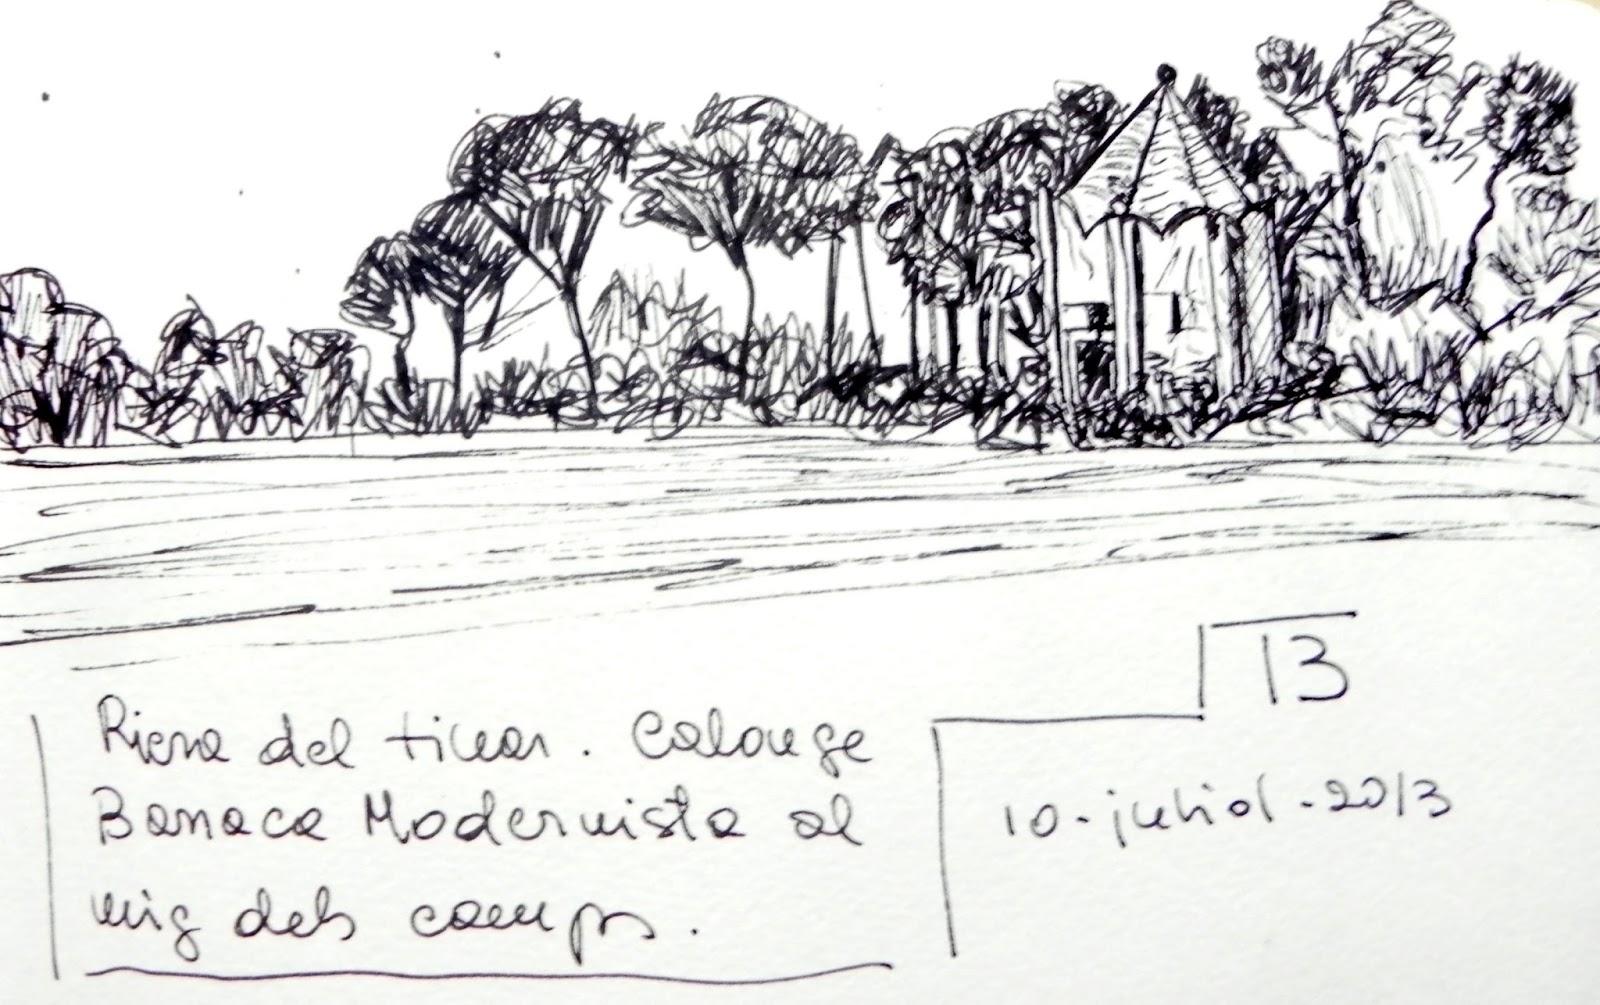 Ladrones De Cuadernos 1 08 13